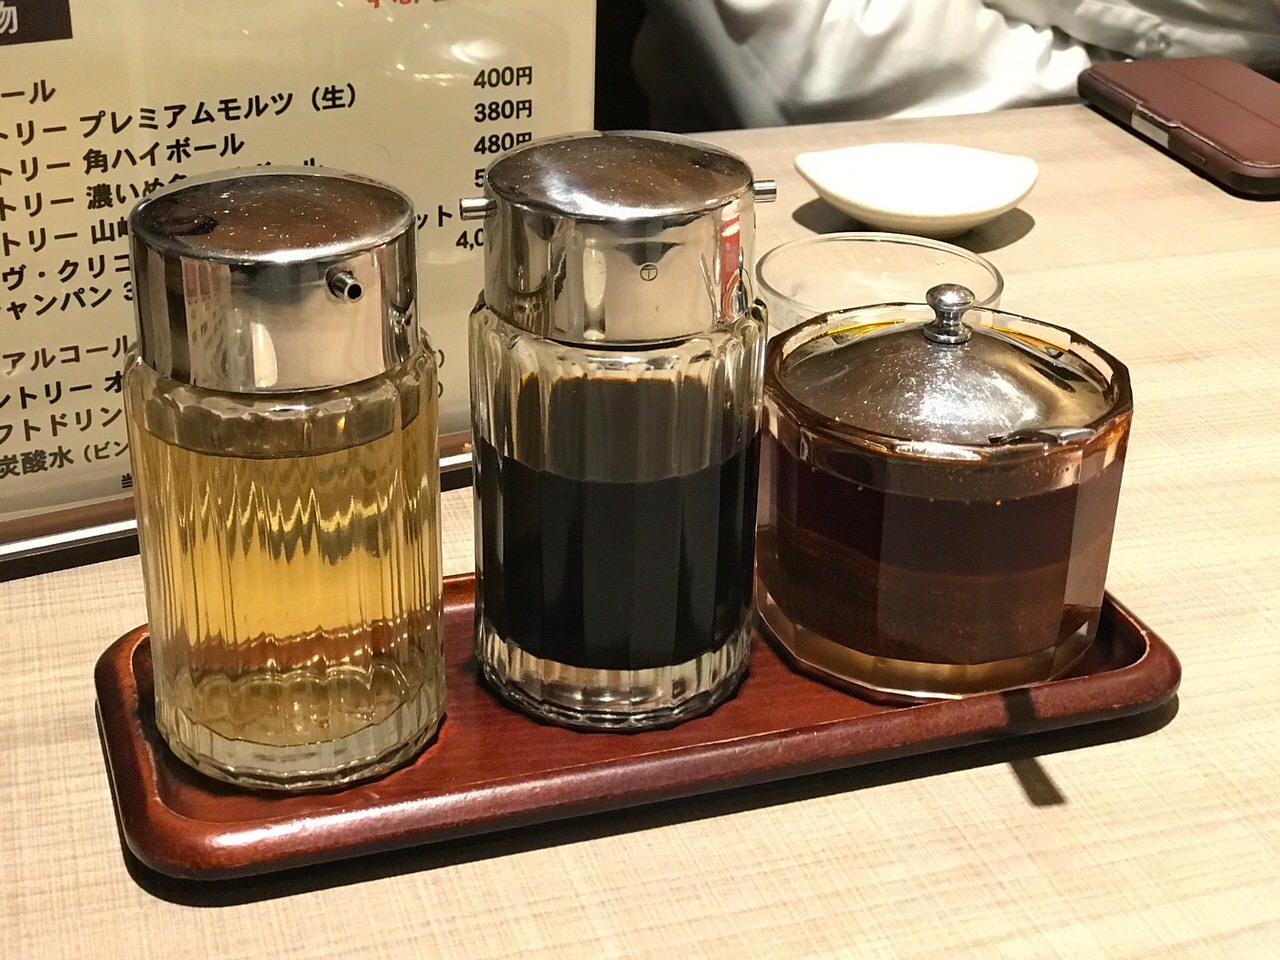 Utsunomiya minmin 3848